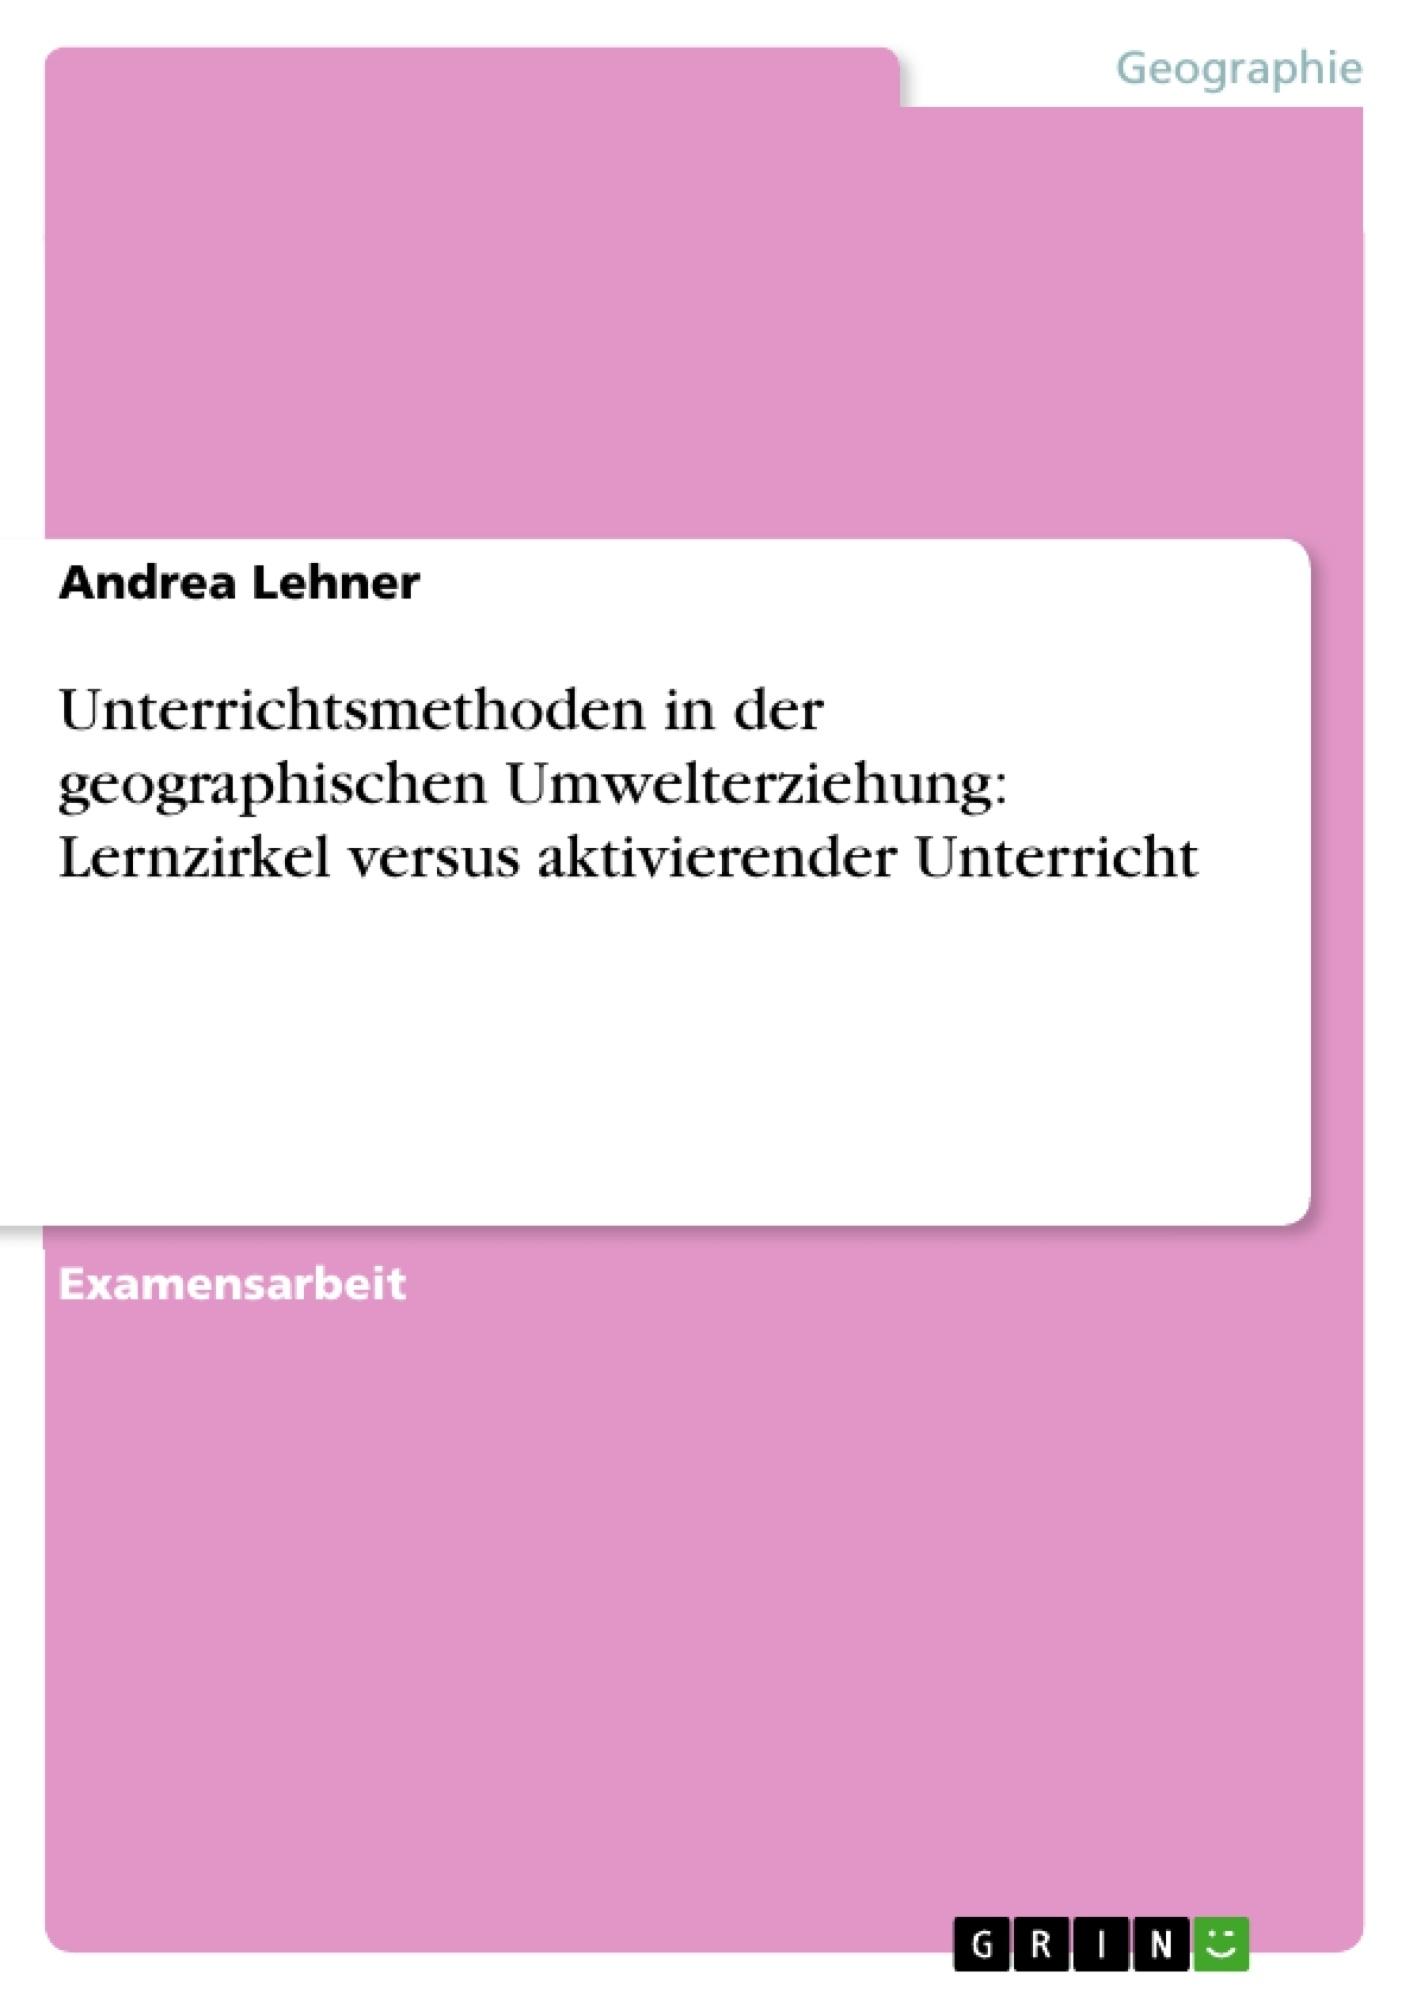 Titel: Unterrichtsmethoden in der geographischen Umwelterziehung: Lernzirkel versus aktivierender Unterricht